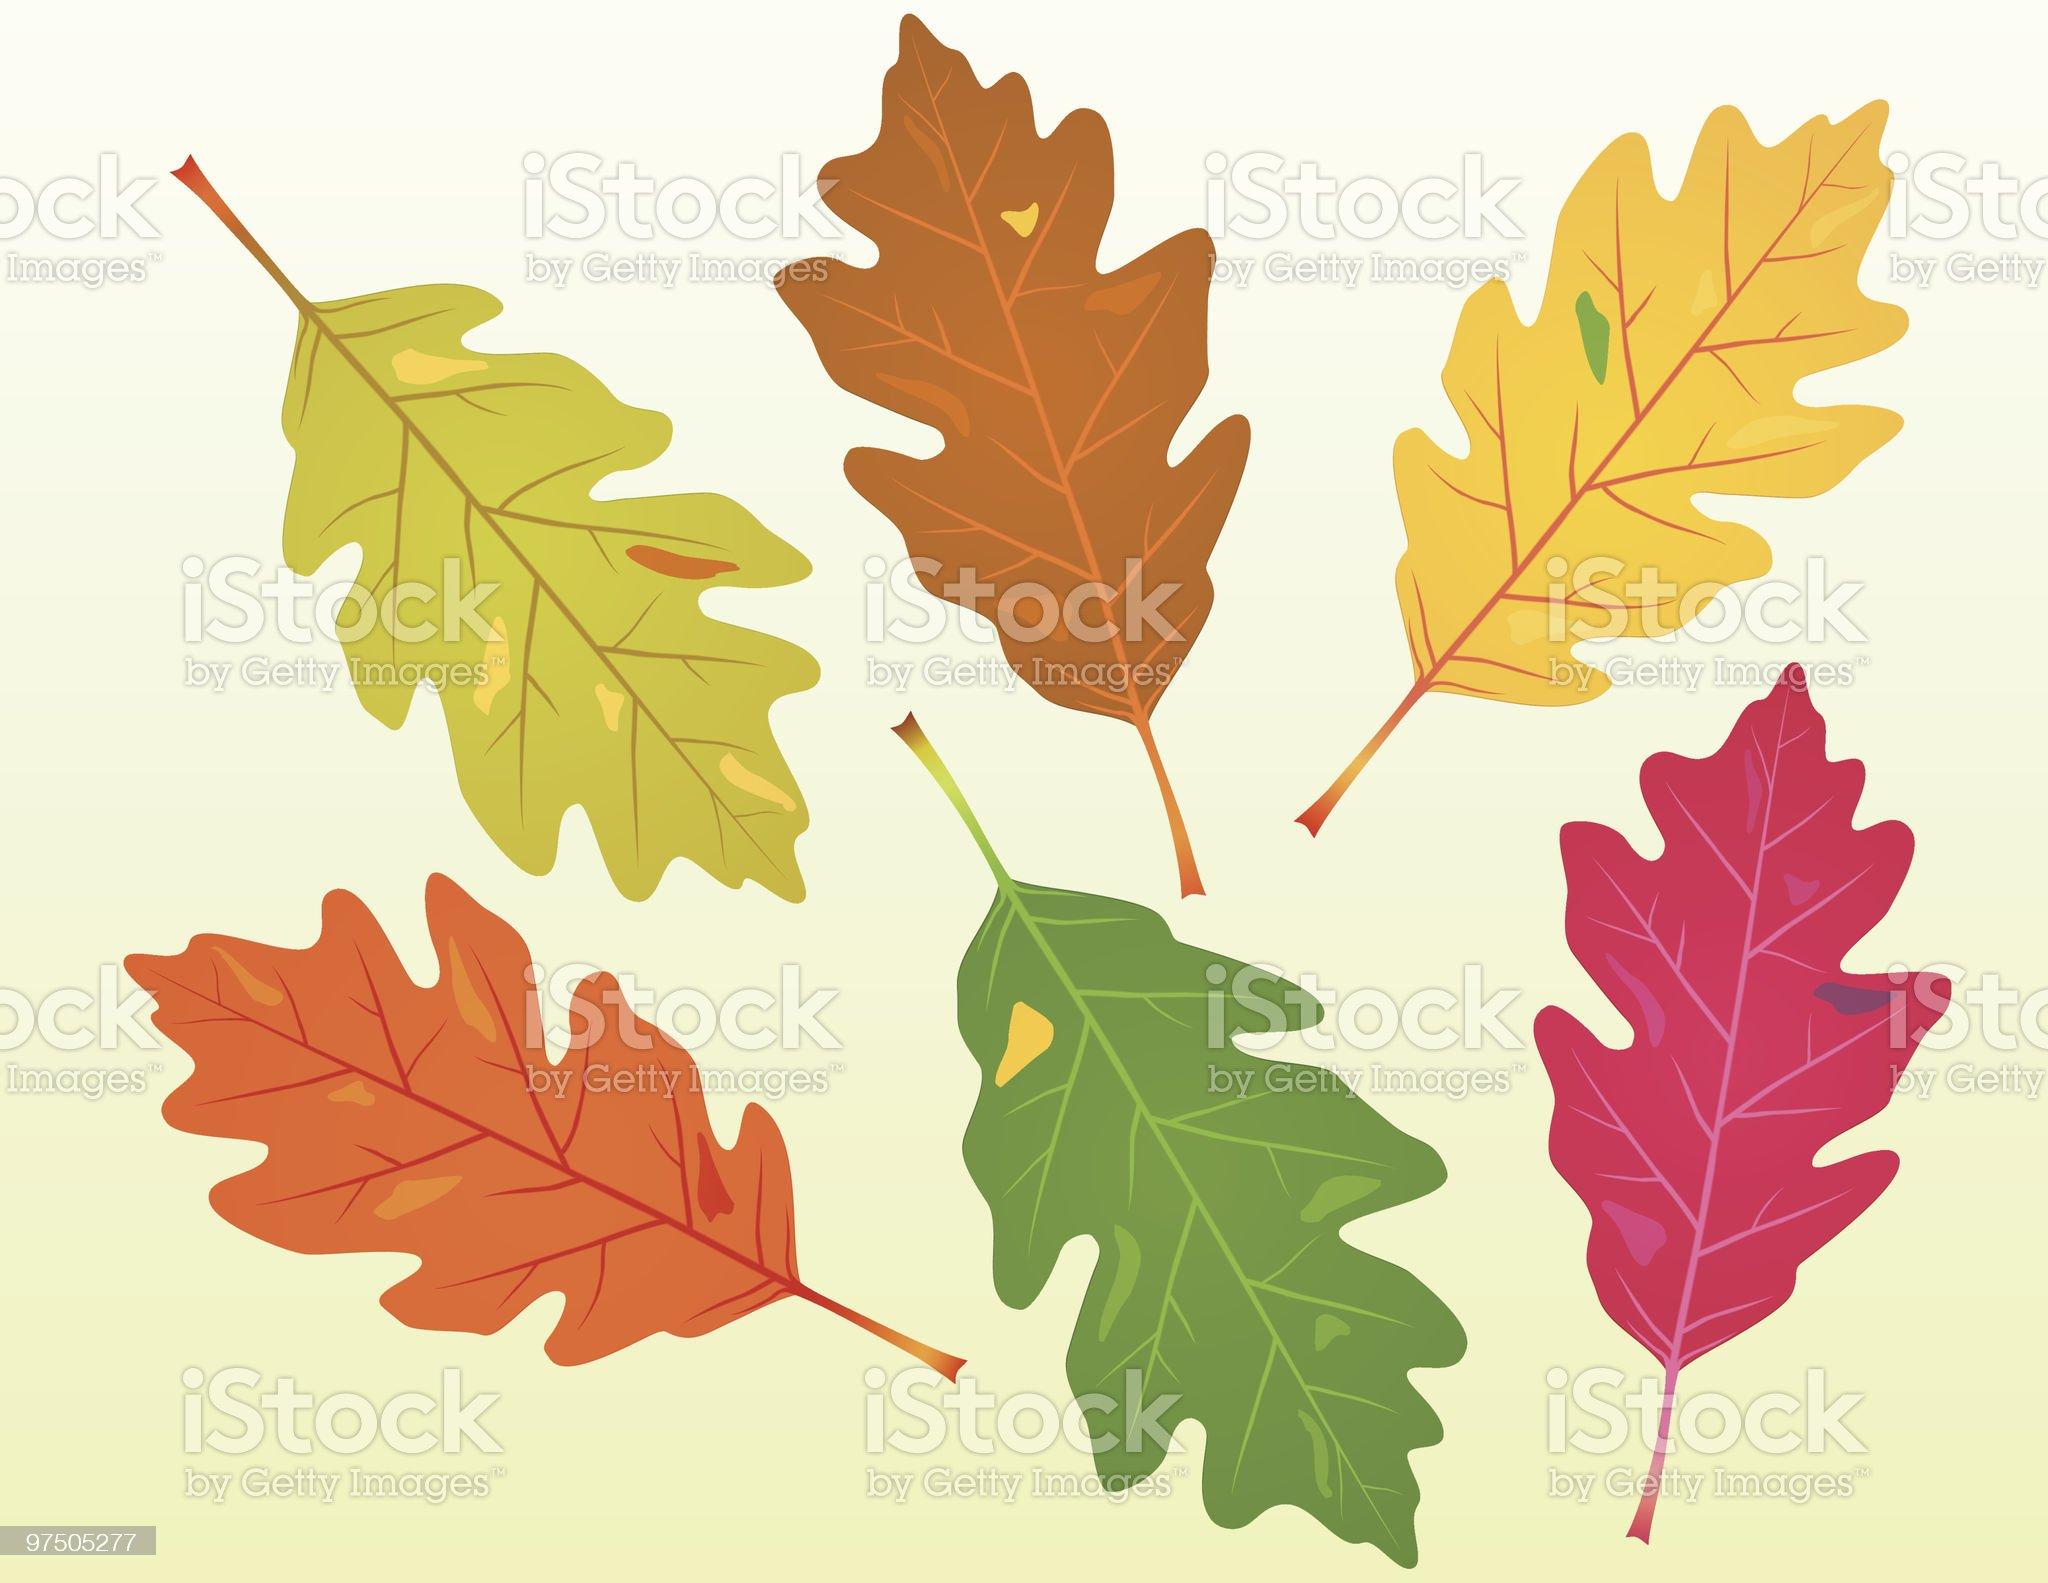 Fallen Oak Leaves royalty-free stock vector art